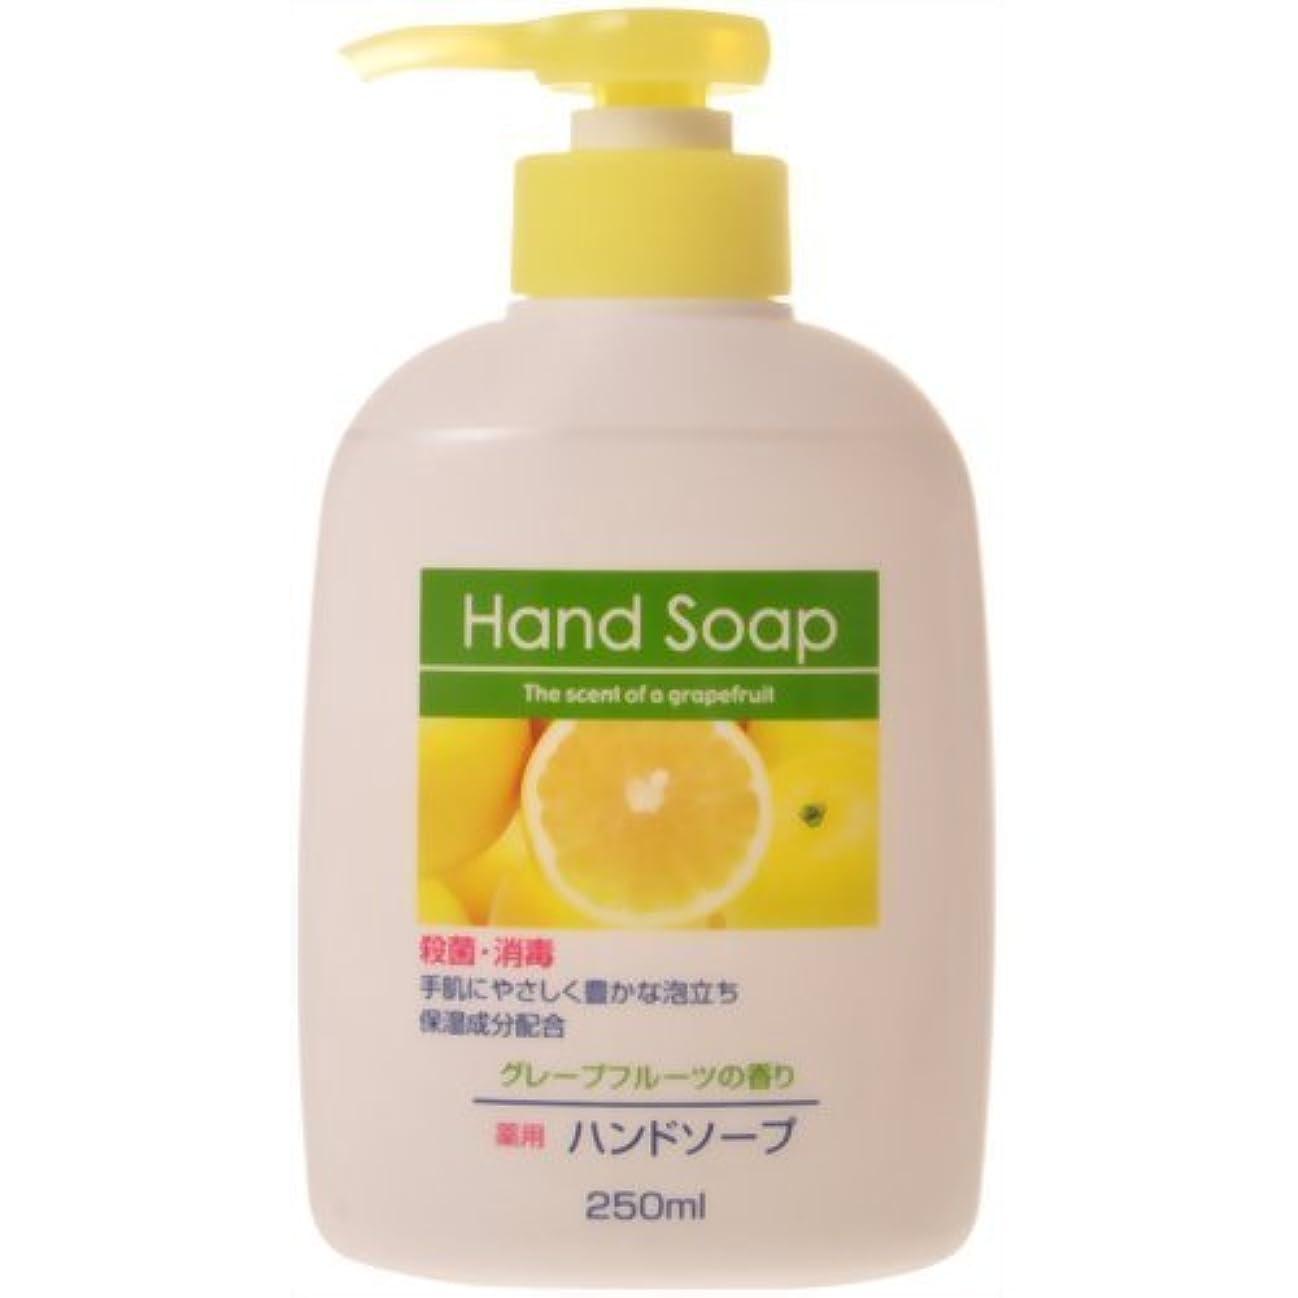 液化する見えないはさみ薬用ハンドソープ グレープフルーツの香り 本体 250ml 【まとめ買い240個セット】